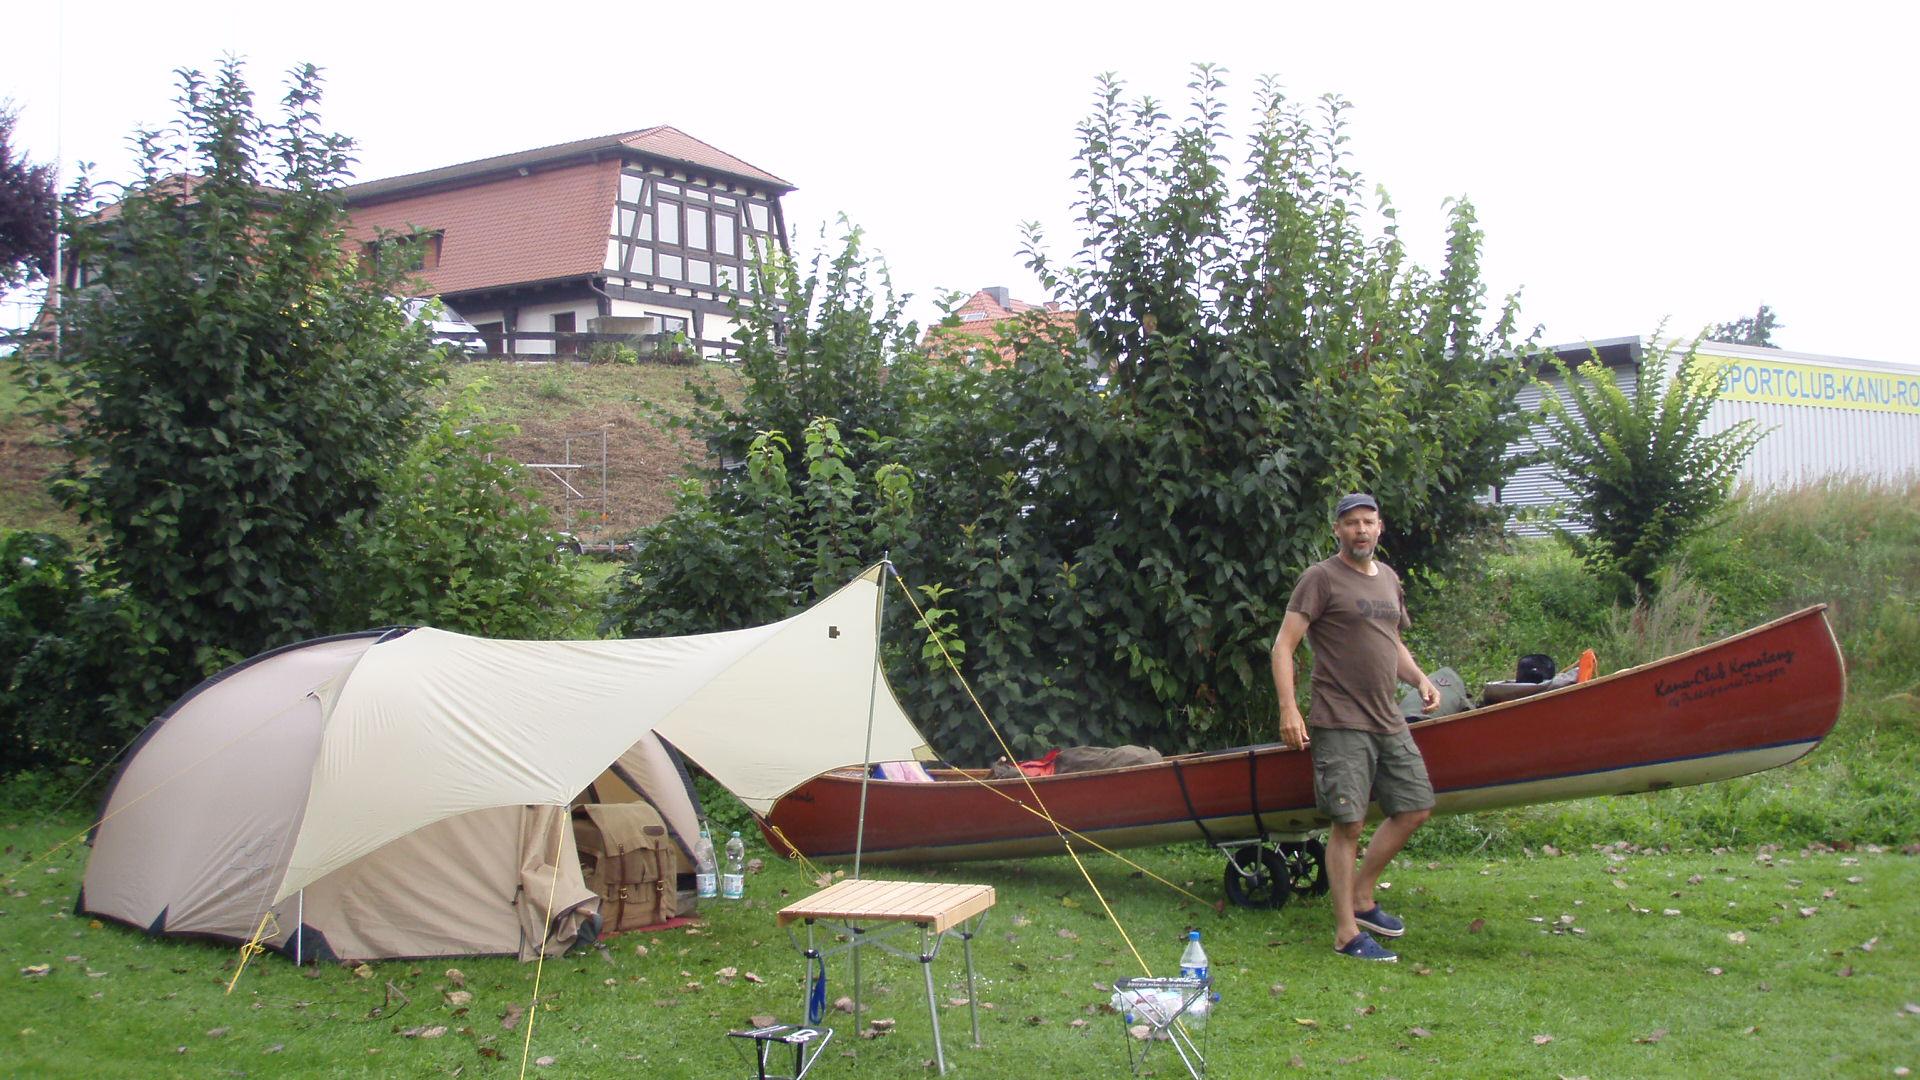 Vater Und Sohn Elbetour Kanu Club Konstanz